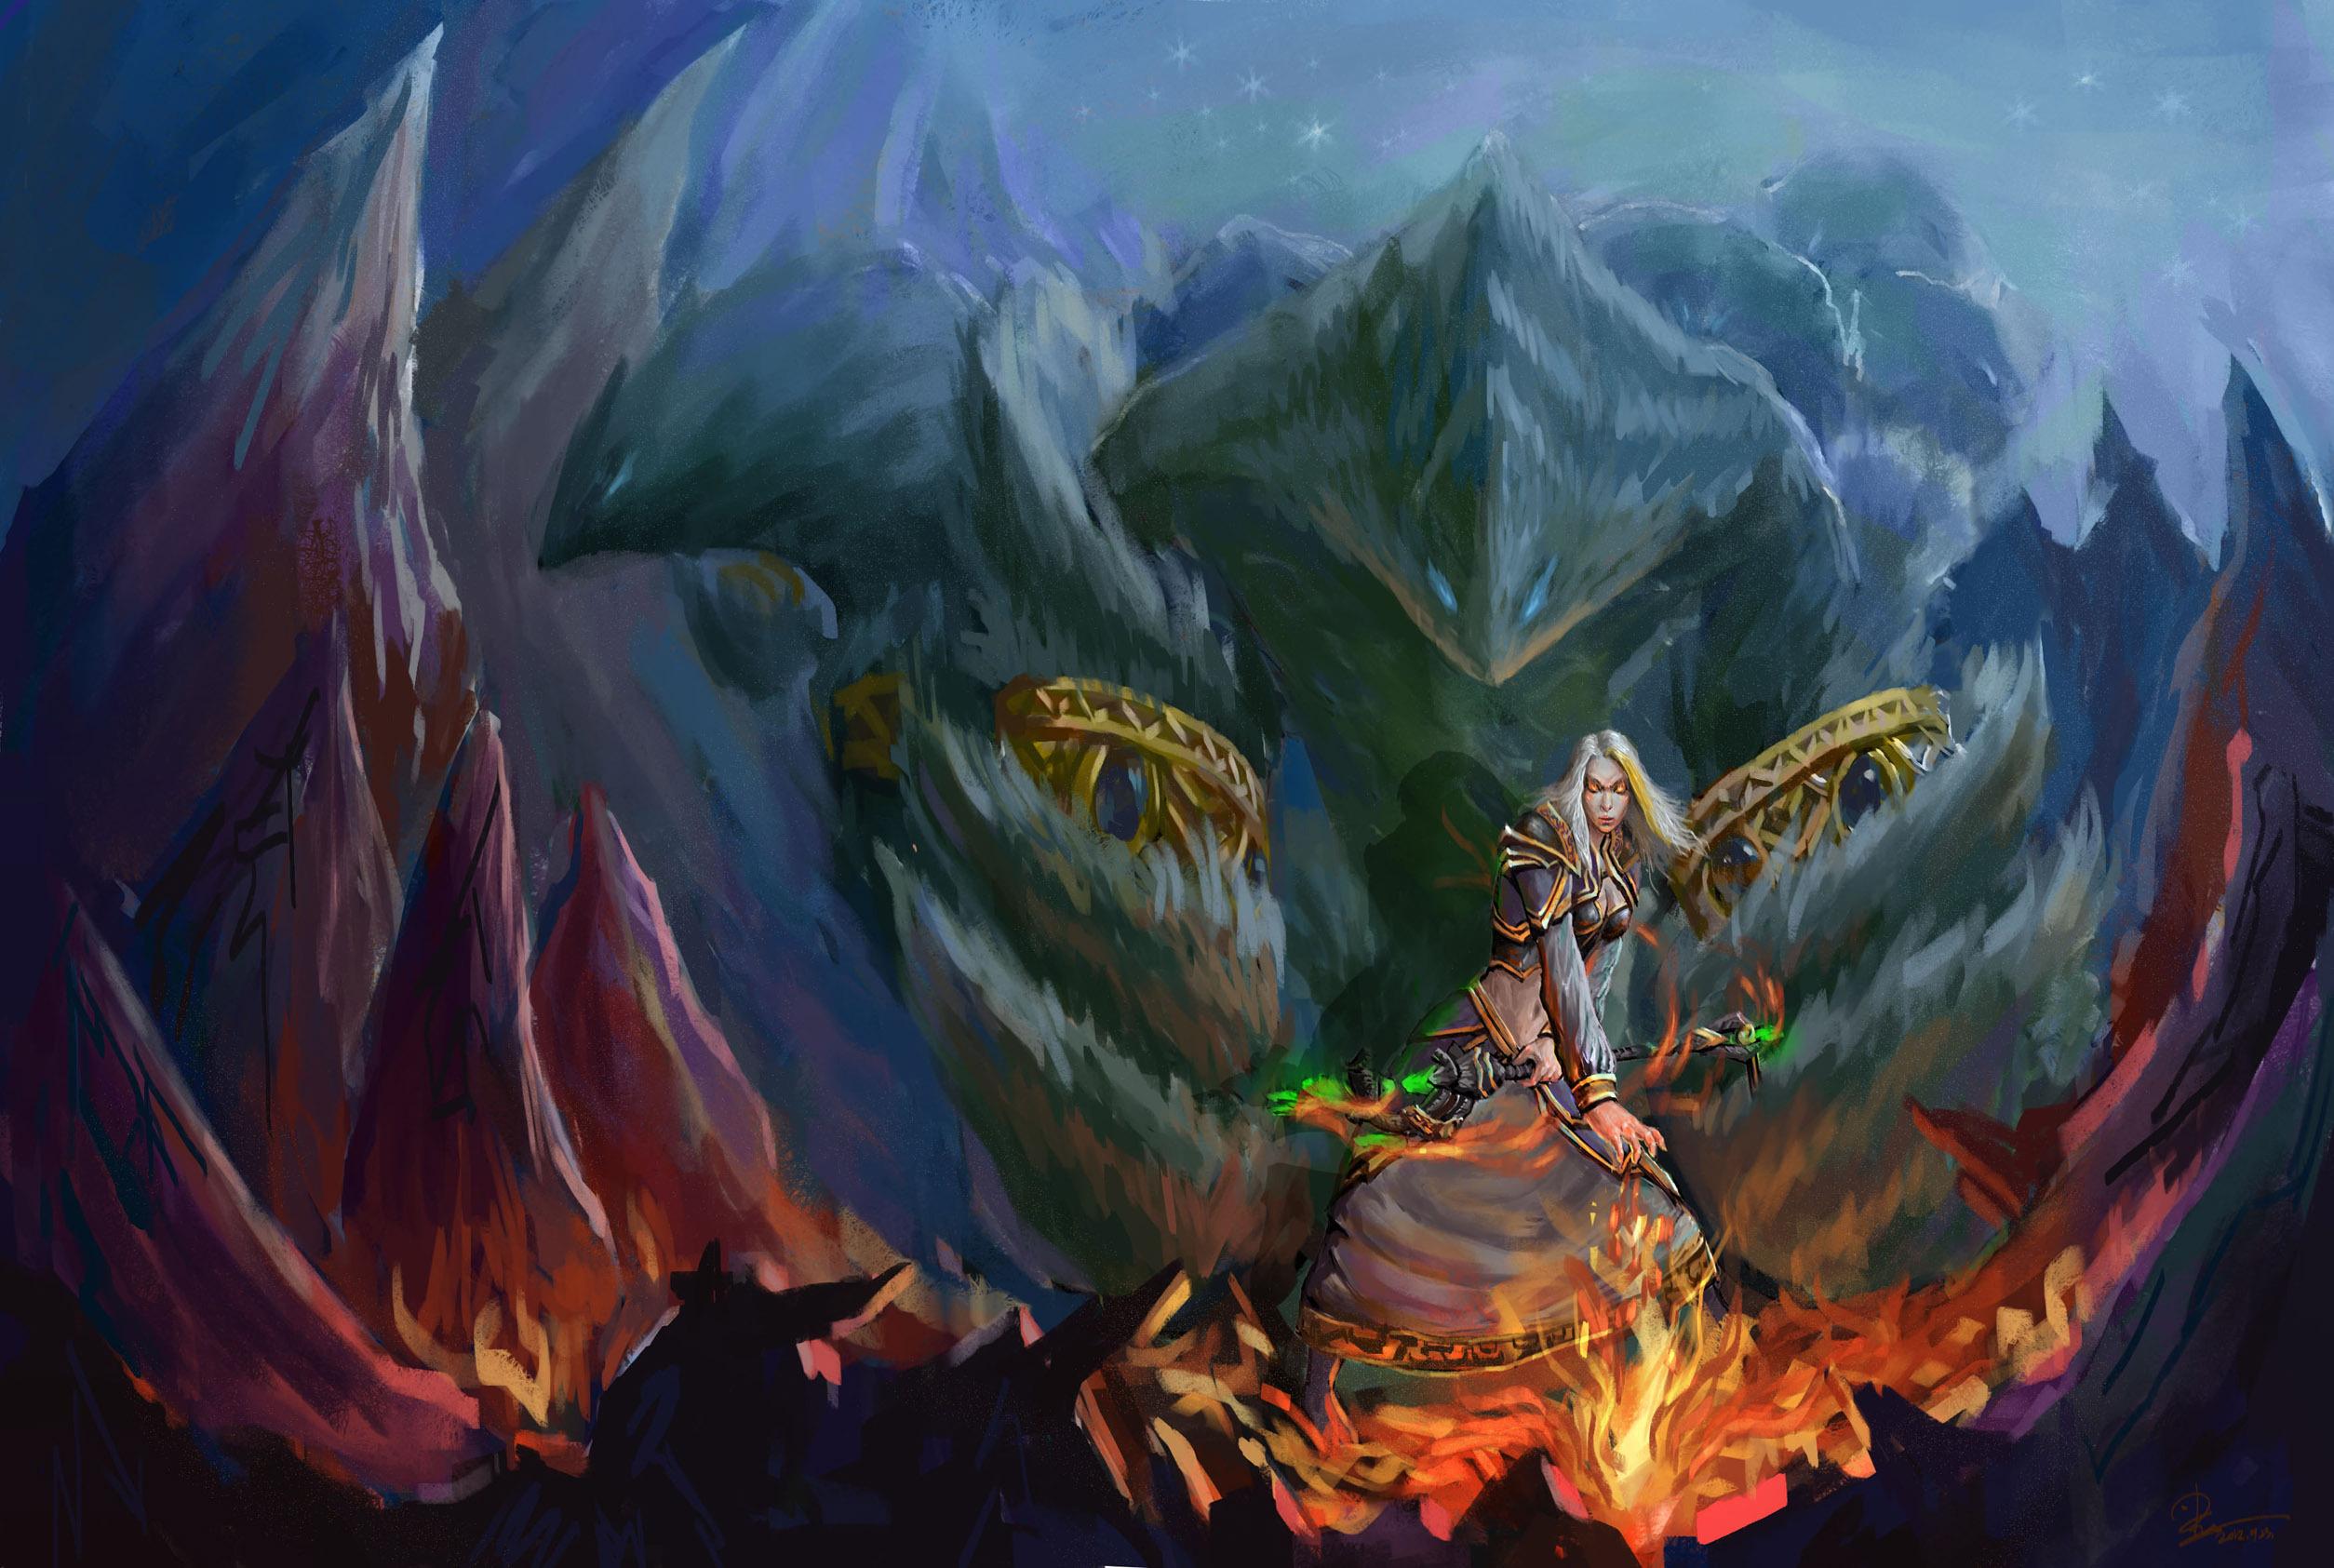 新坐骑 《魔兽世界》mop时空漫游地下城预览